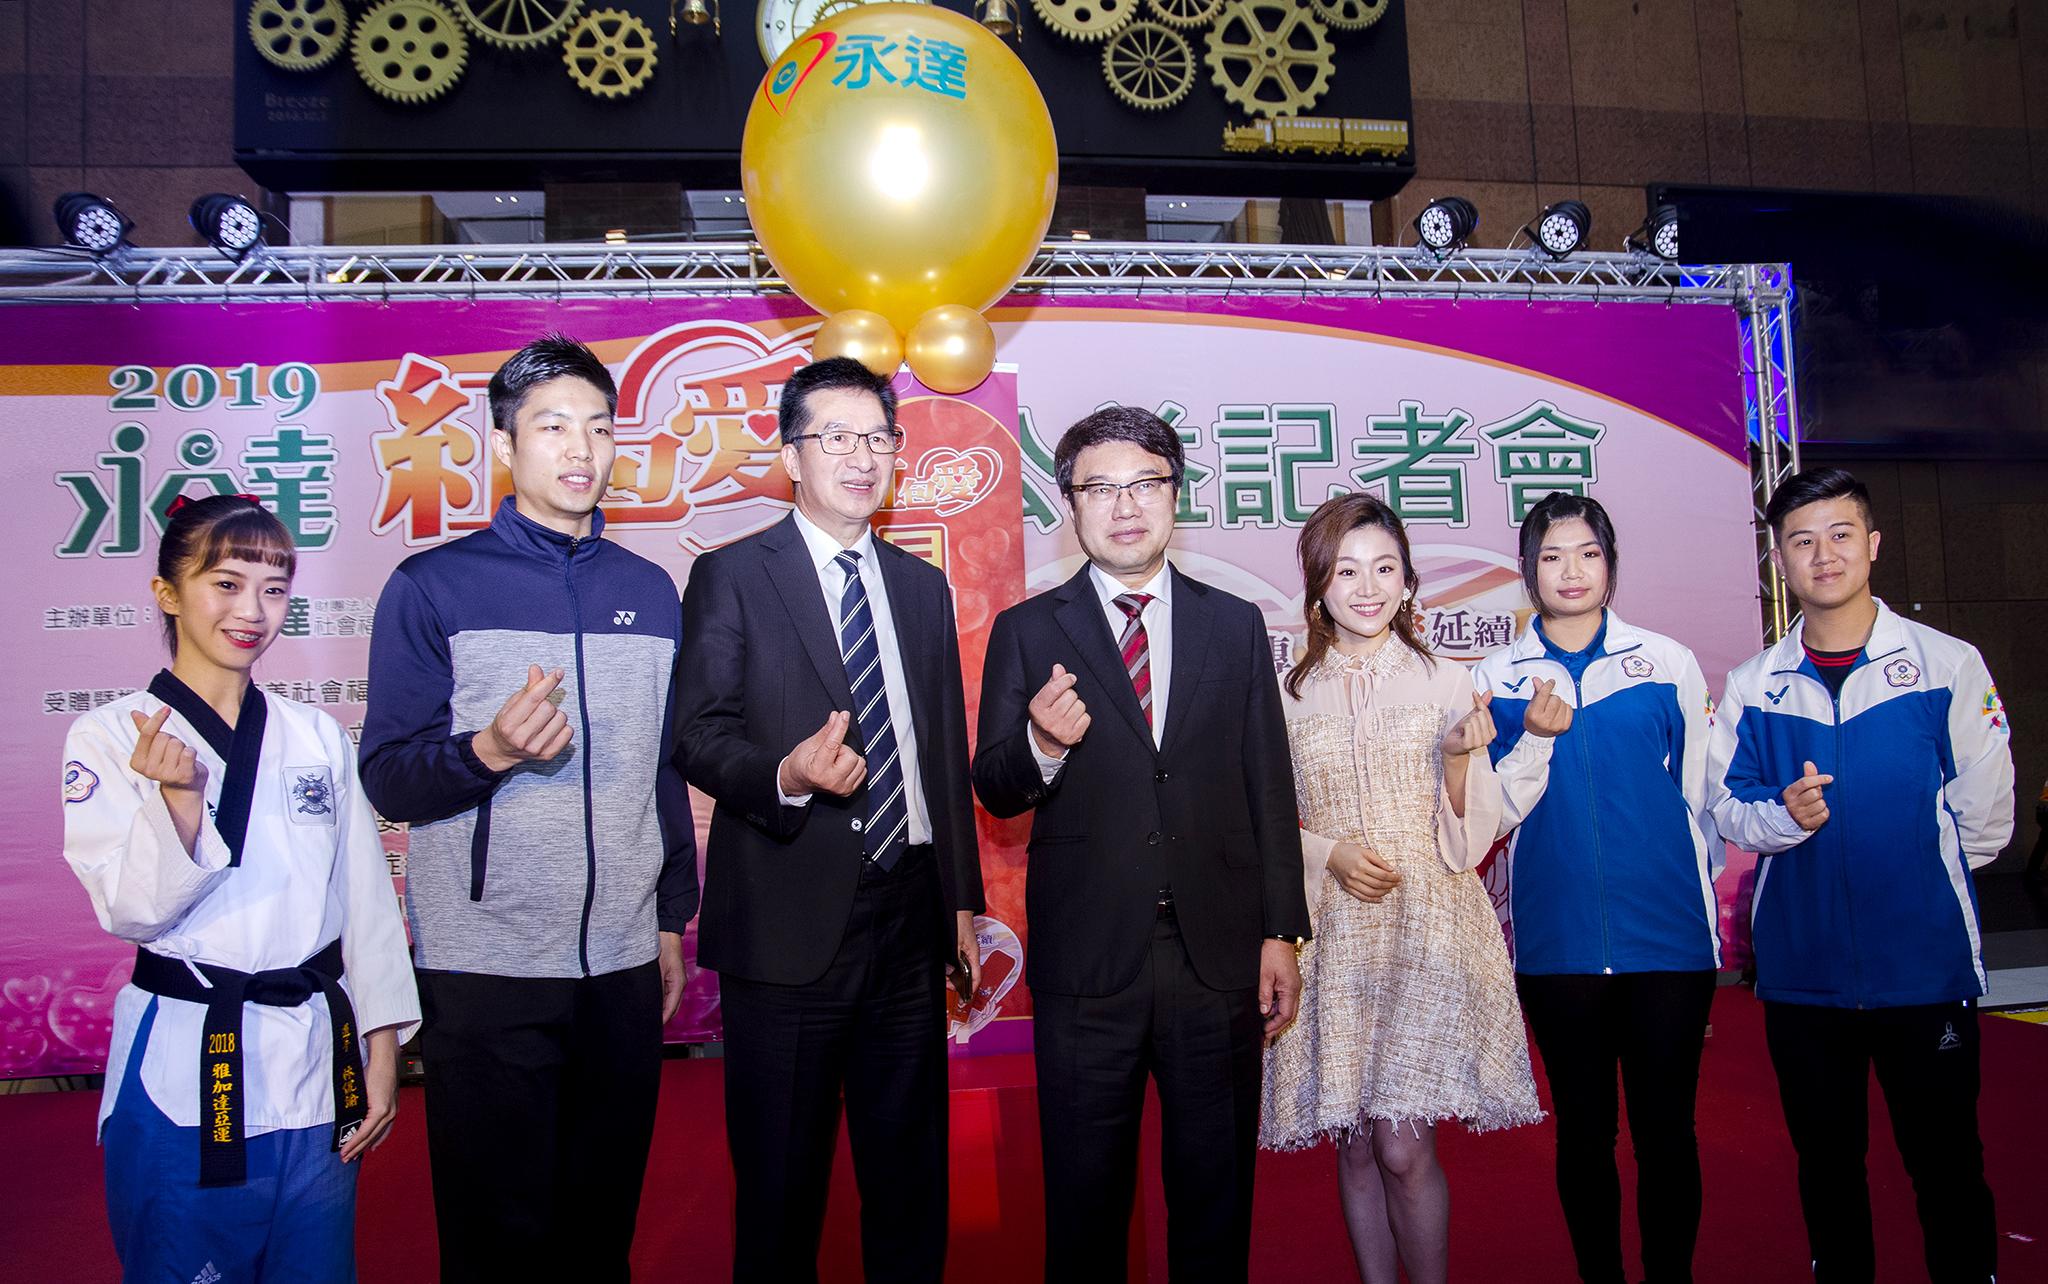 林侃諭(左1)、周天成(左2)、楊小黎(右3)、林穎欣(右2)、呂紹全(右1)擔任2019年紅包袋義賣推廣大使,與永達吳文永(右4)董事長、陳慶鴻(左3)總經理合影。